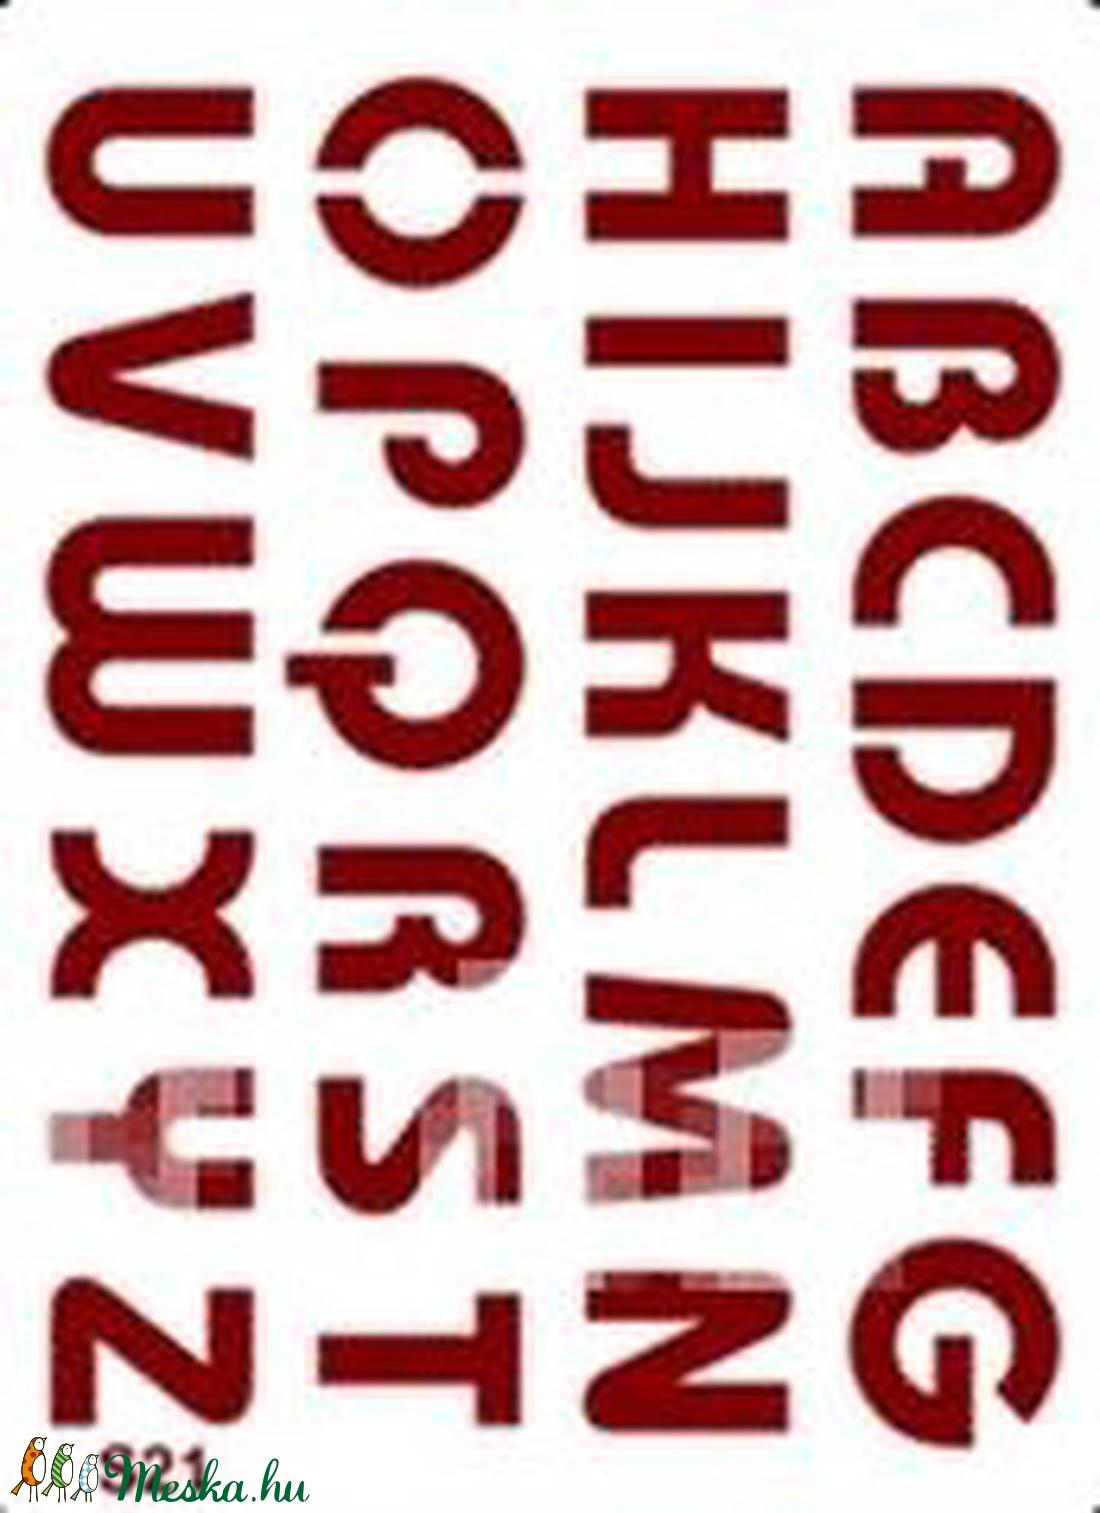 Sablon - S21 (14,5x20 cm/1 db) - nyomtatott nagybetűk (csimbo) - Meska.hu